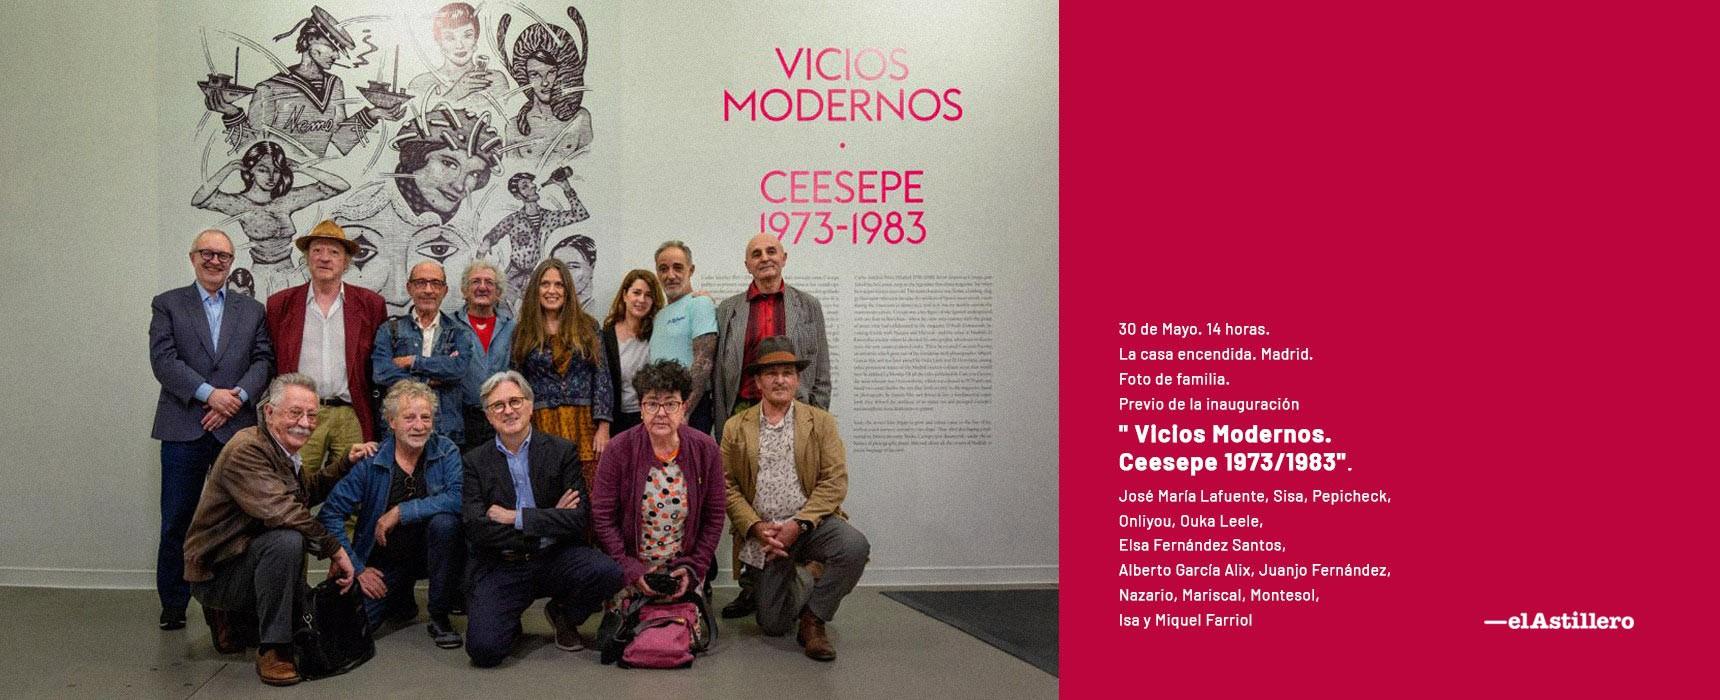 Foto de familia - Innauguración Exposición Vicios Modernos Ceesepe 1973-1983